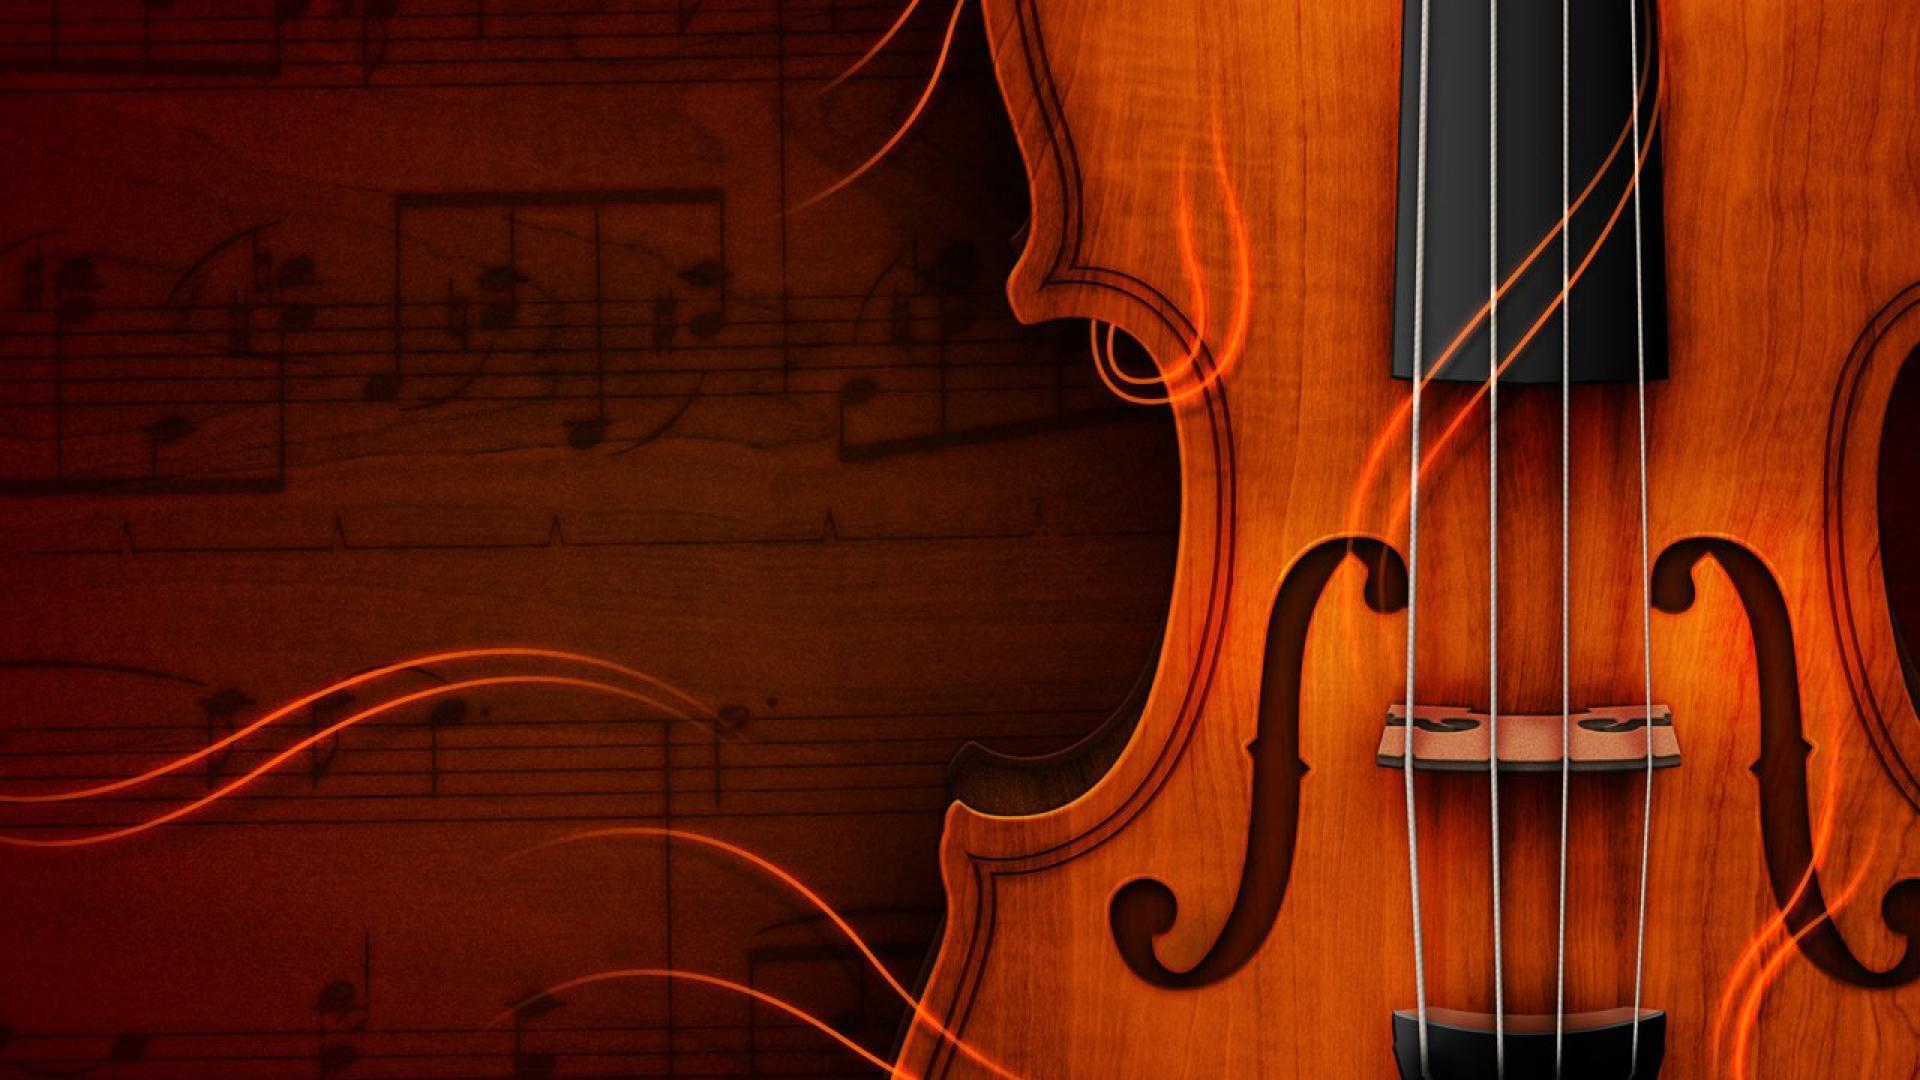 Classical Music Desktop Wallpaper 4 1920x1080